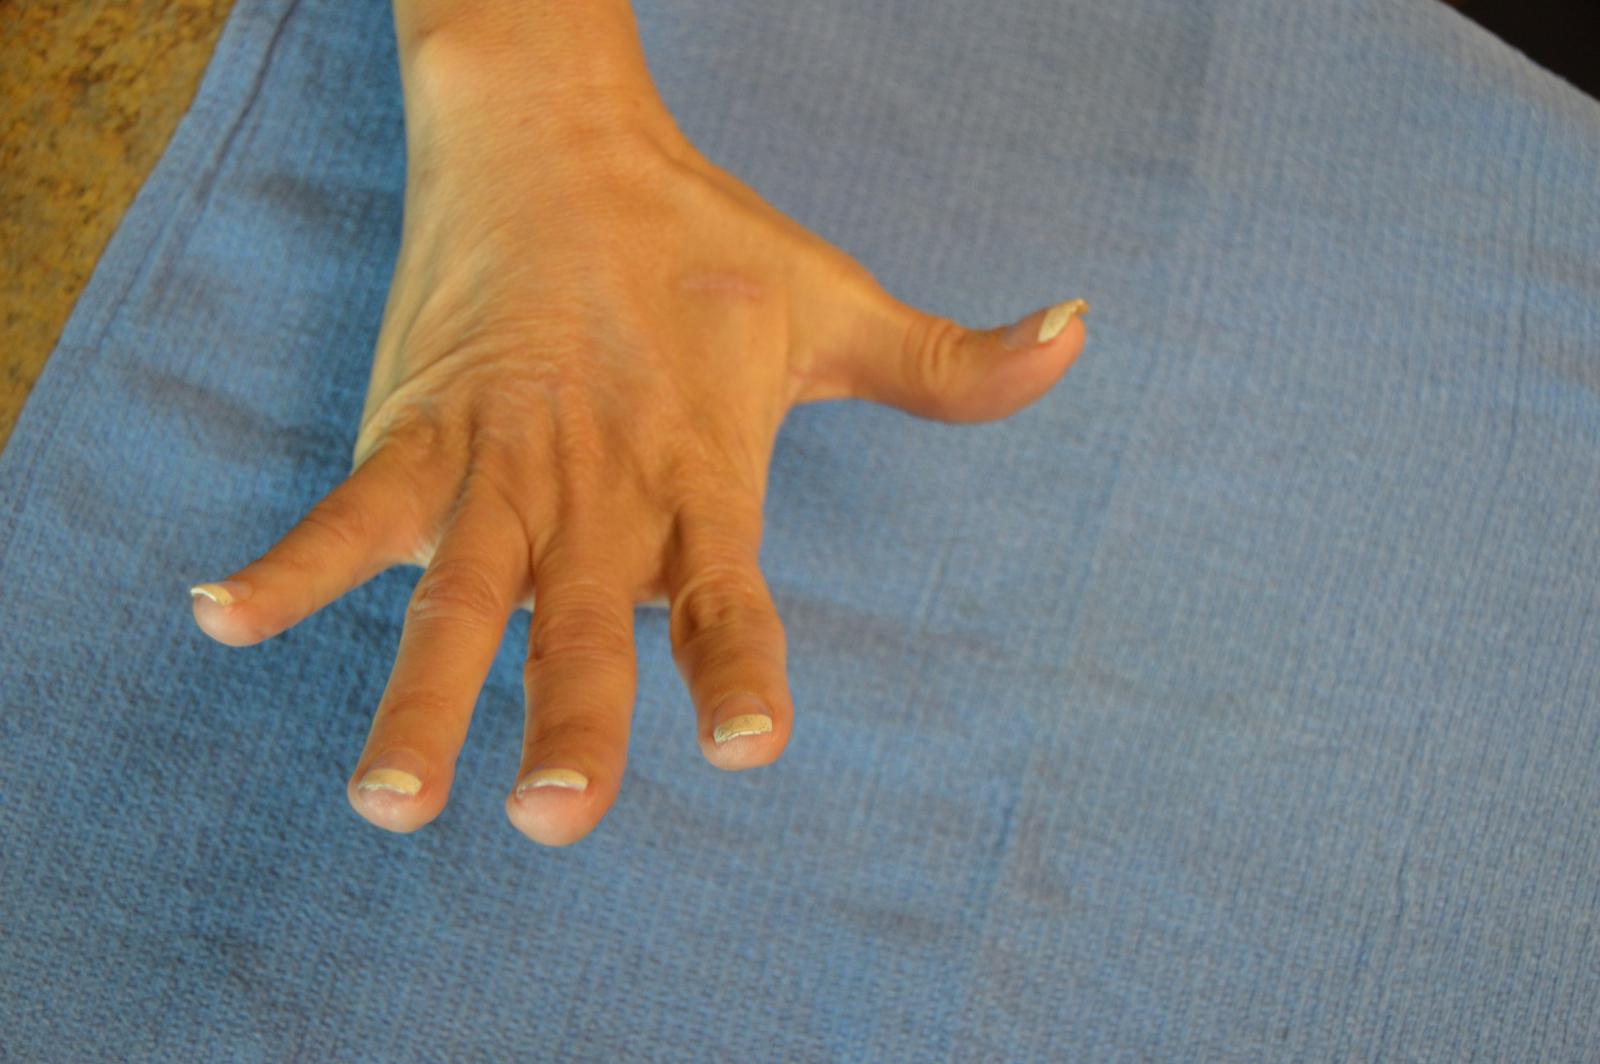 After Hand Rejuvenation